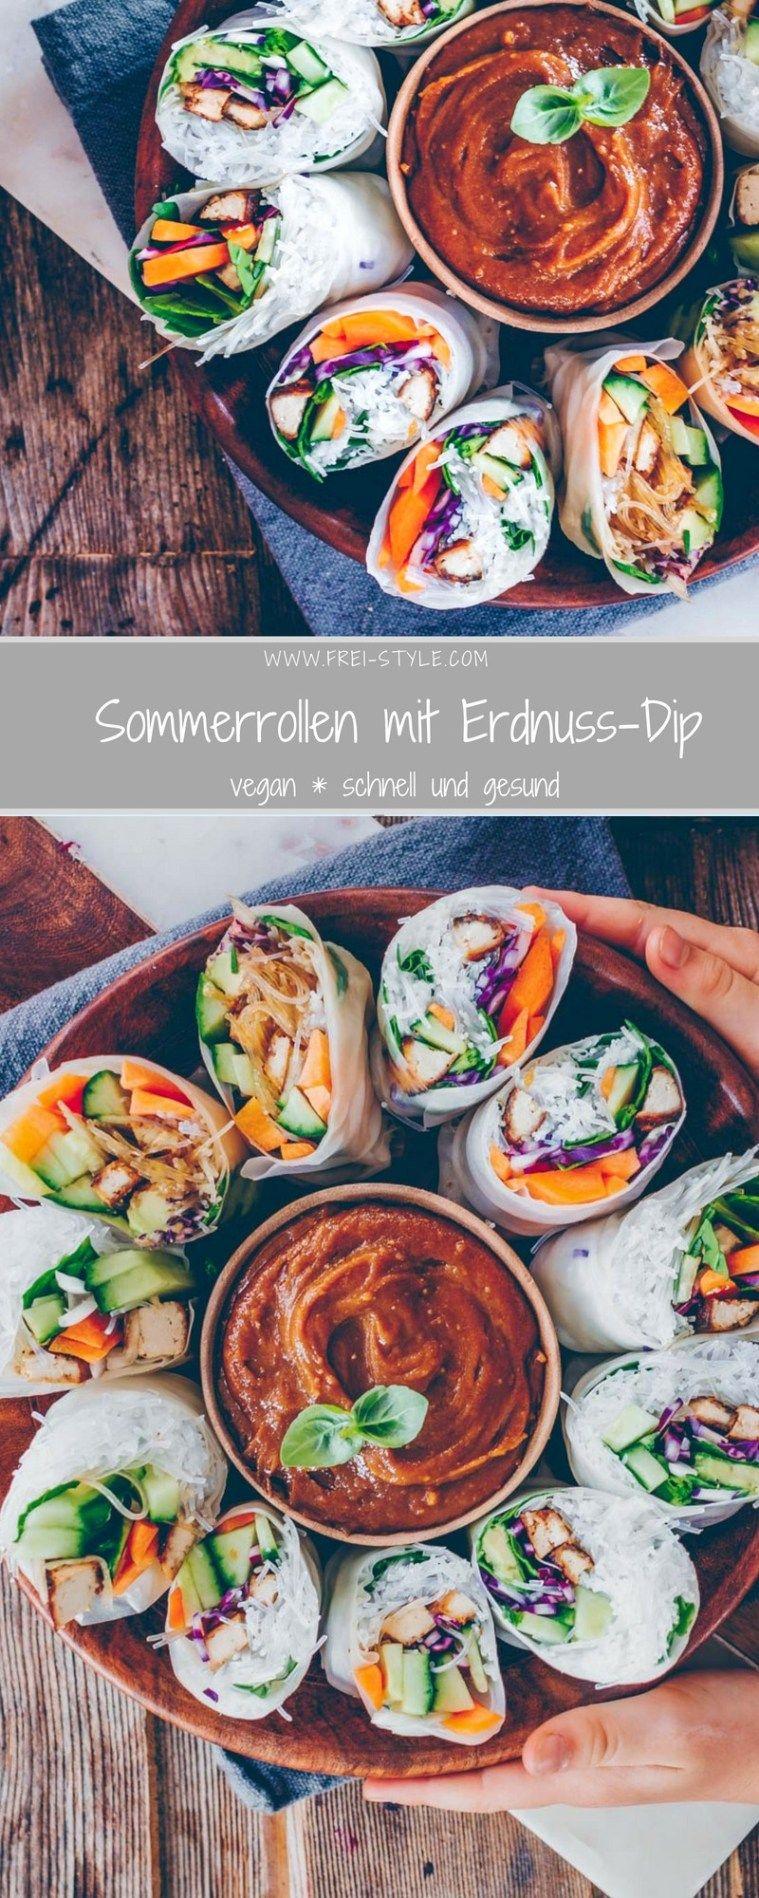 Sommerrollen mit Erdnuss-Dip * Freistyle